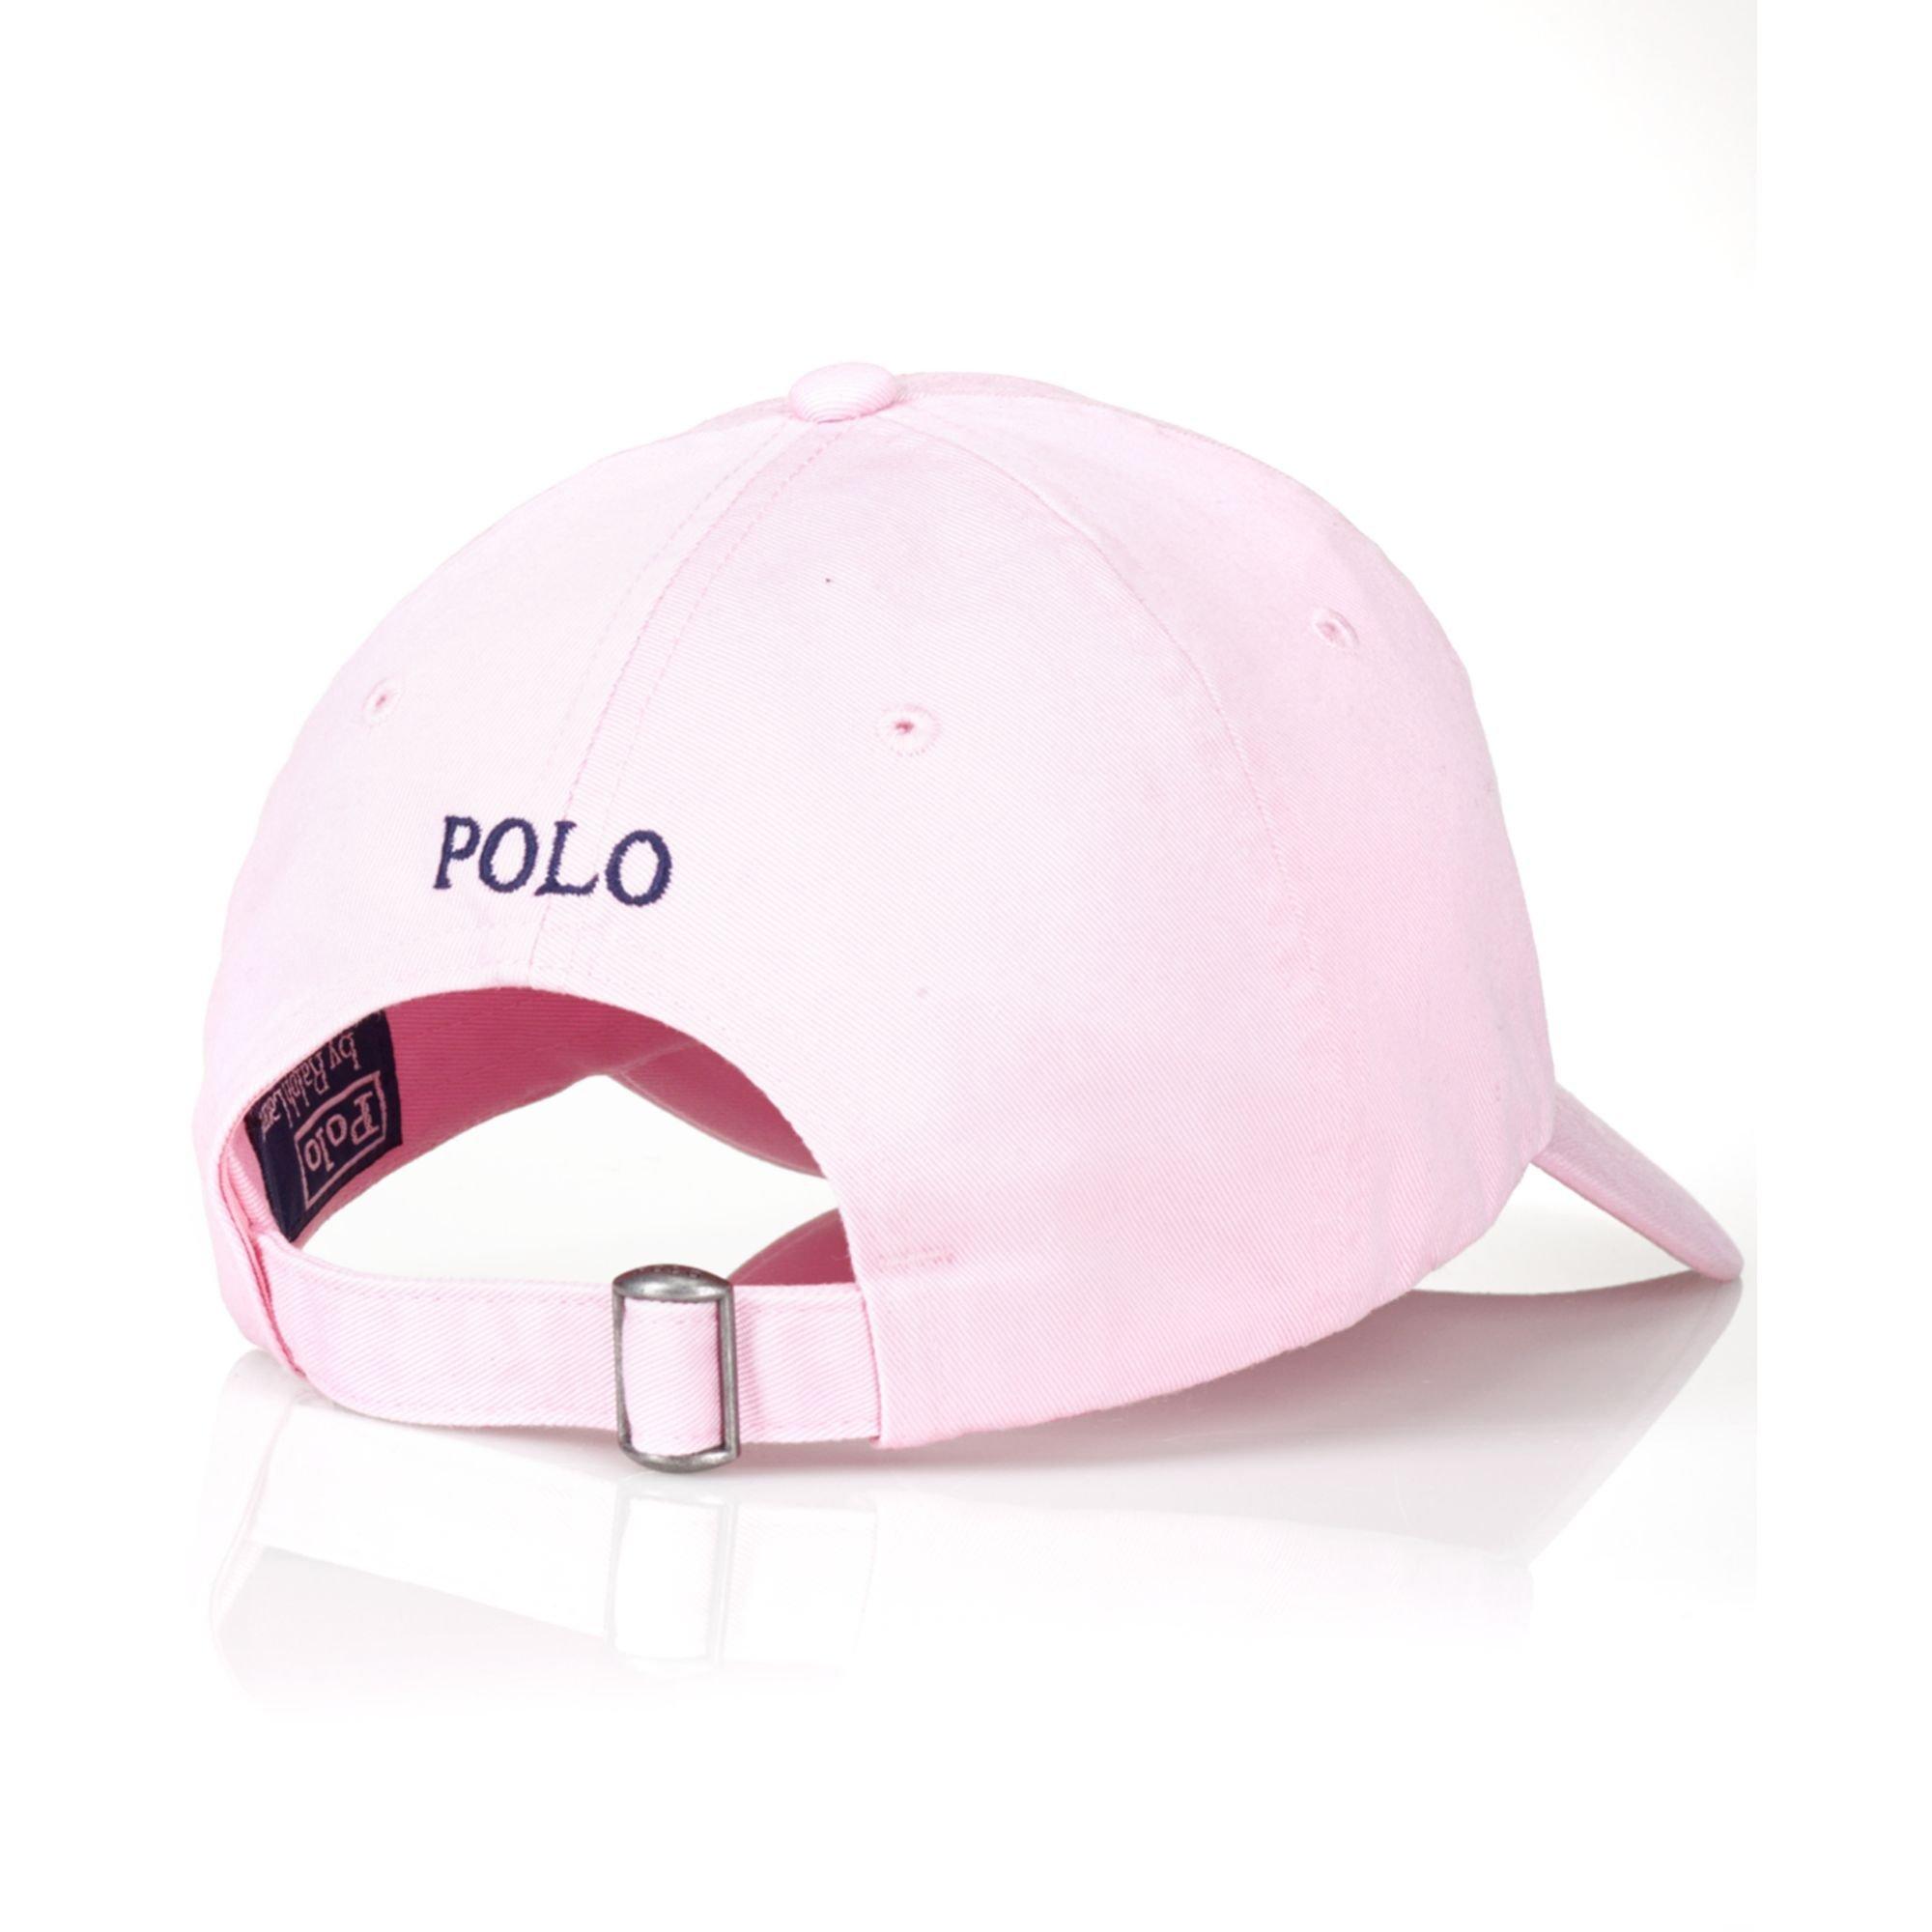 Marein – pink ralph lauren hat fda7f99000